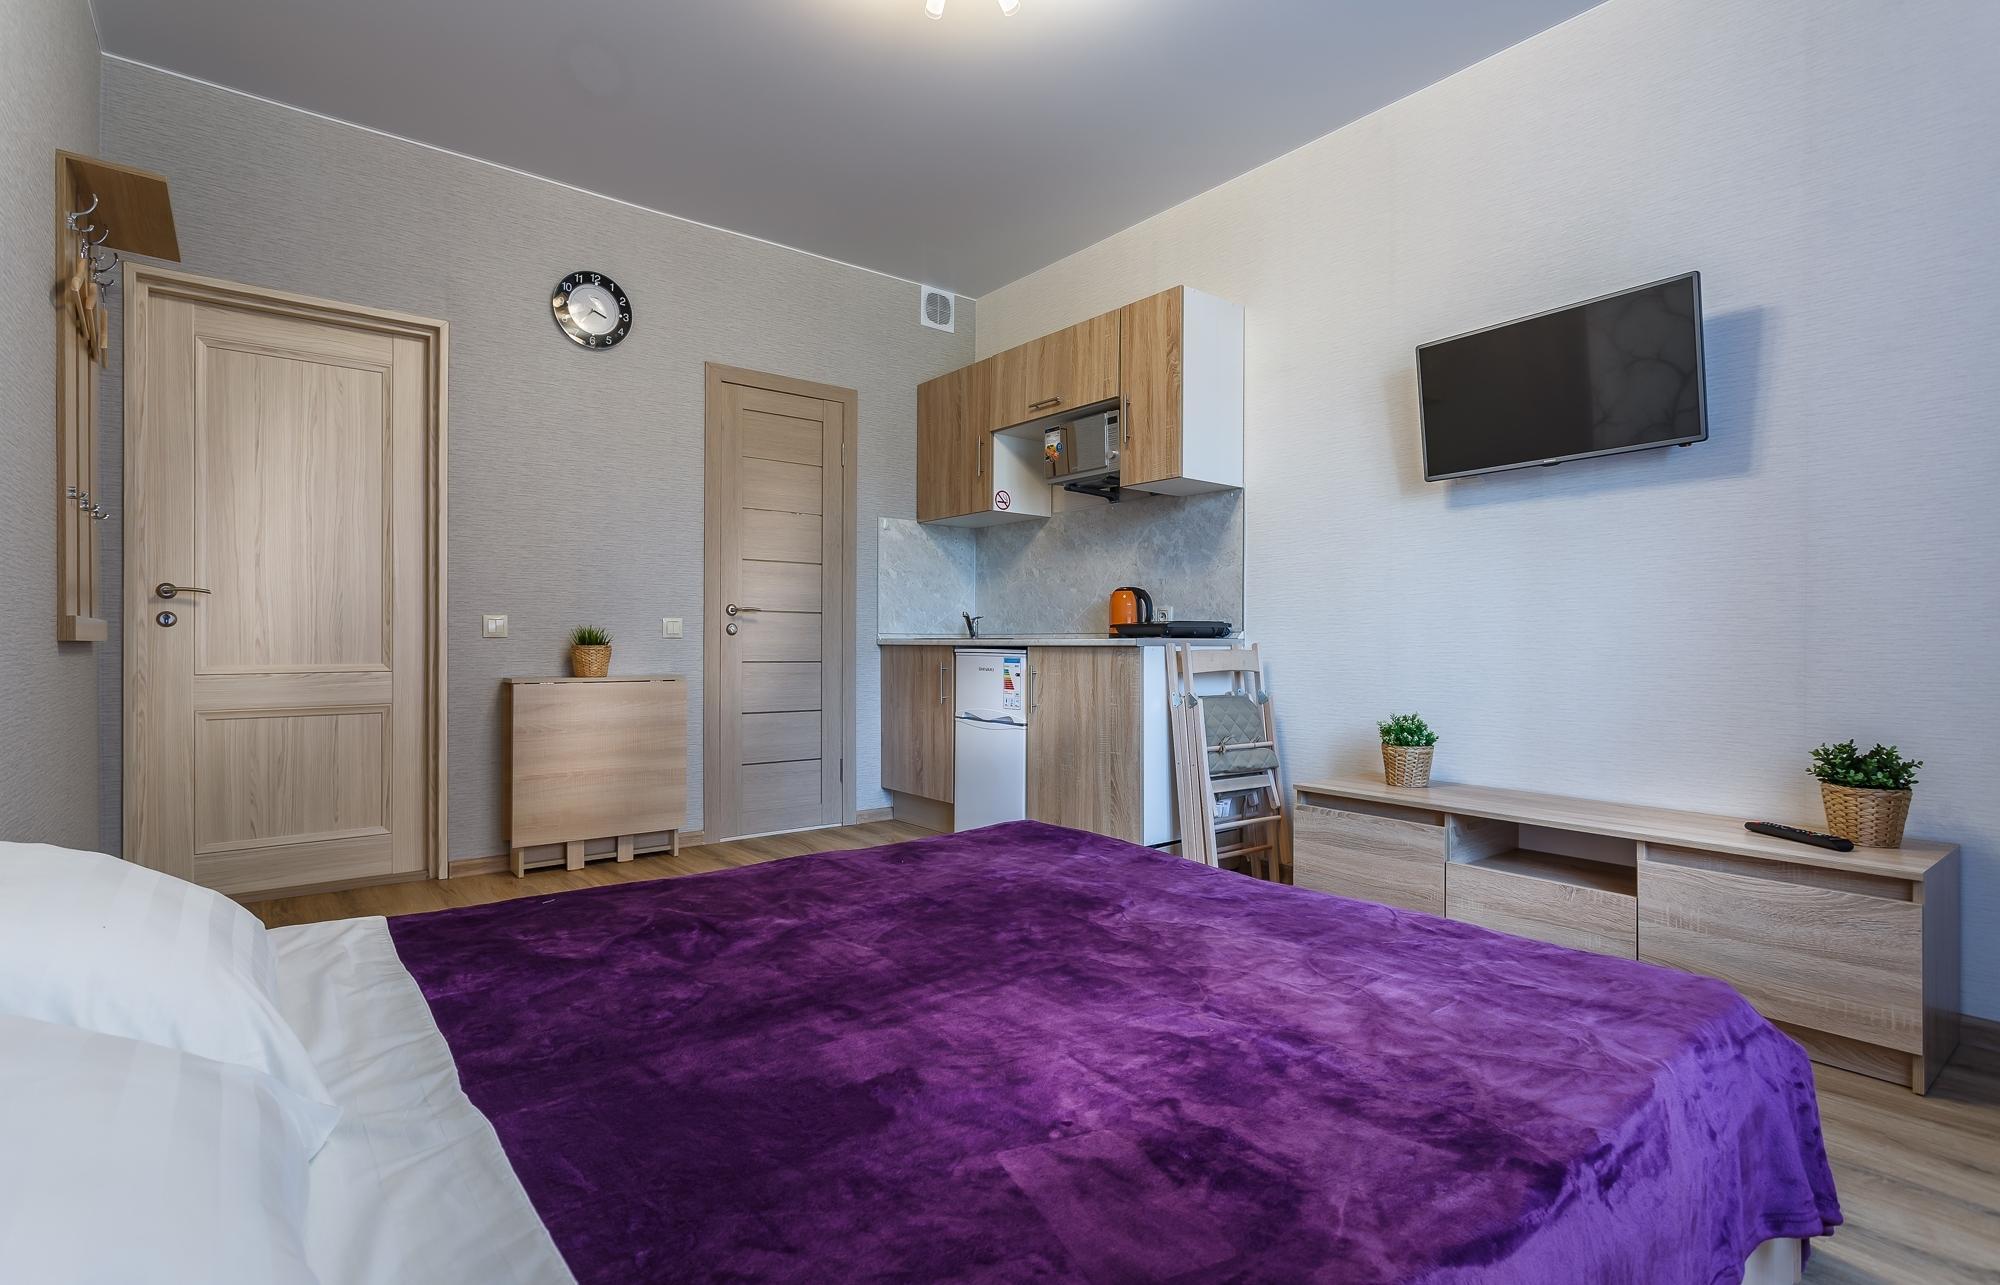 Квартира, студия, 25 м² в Мытищах 89670505157 купить 3